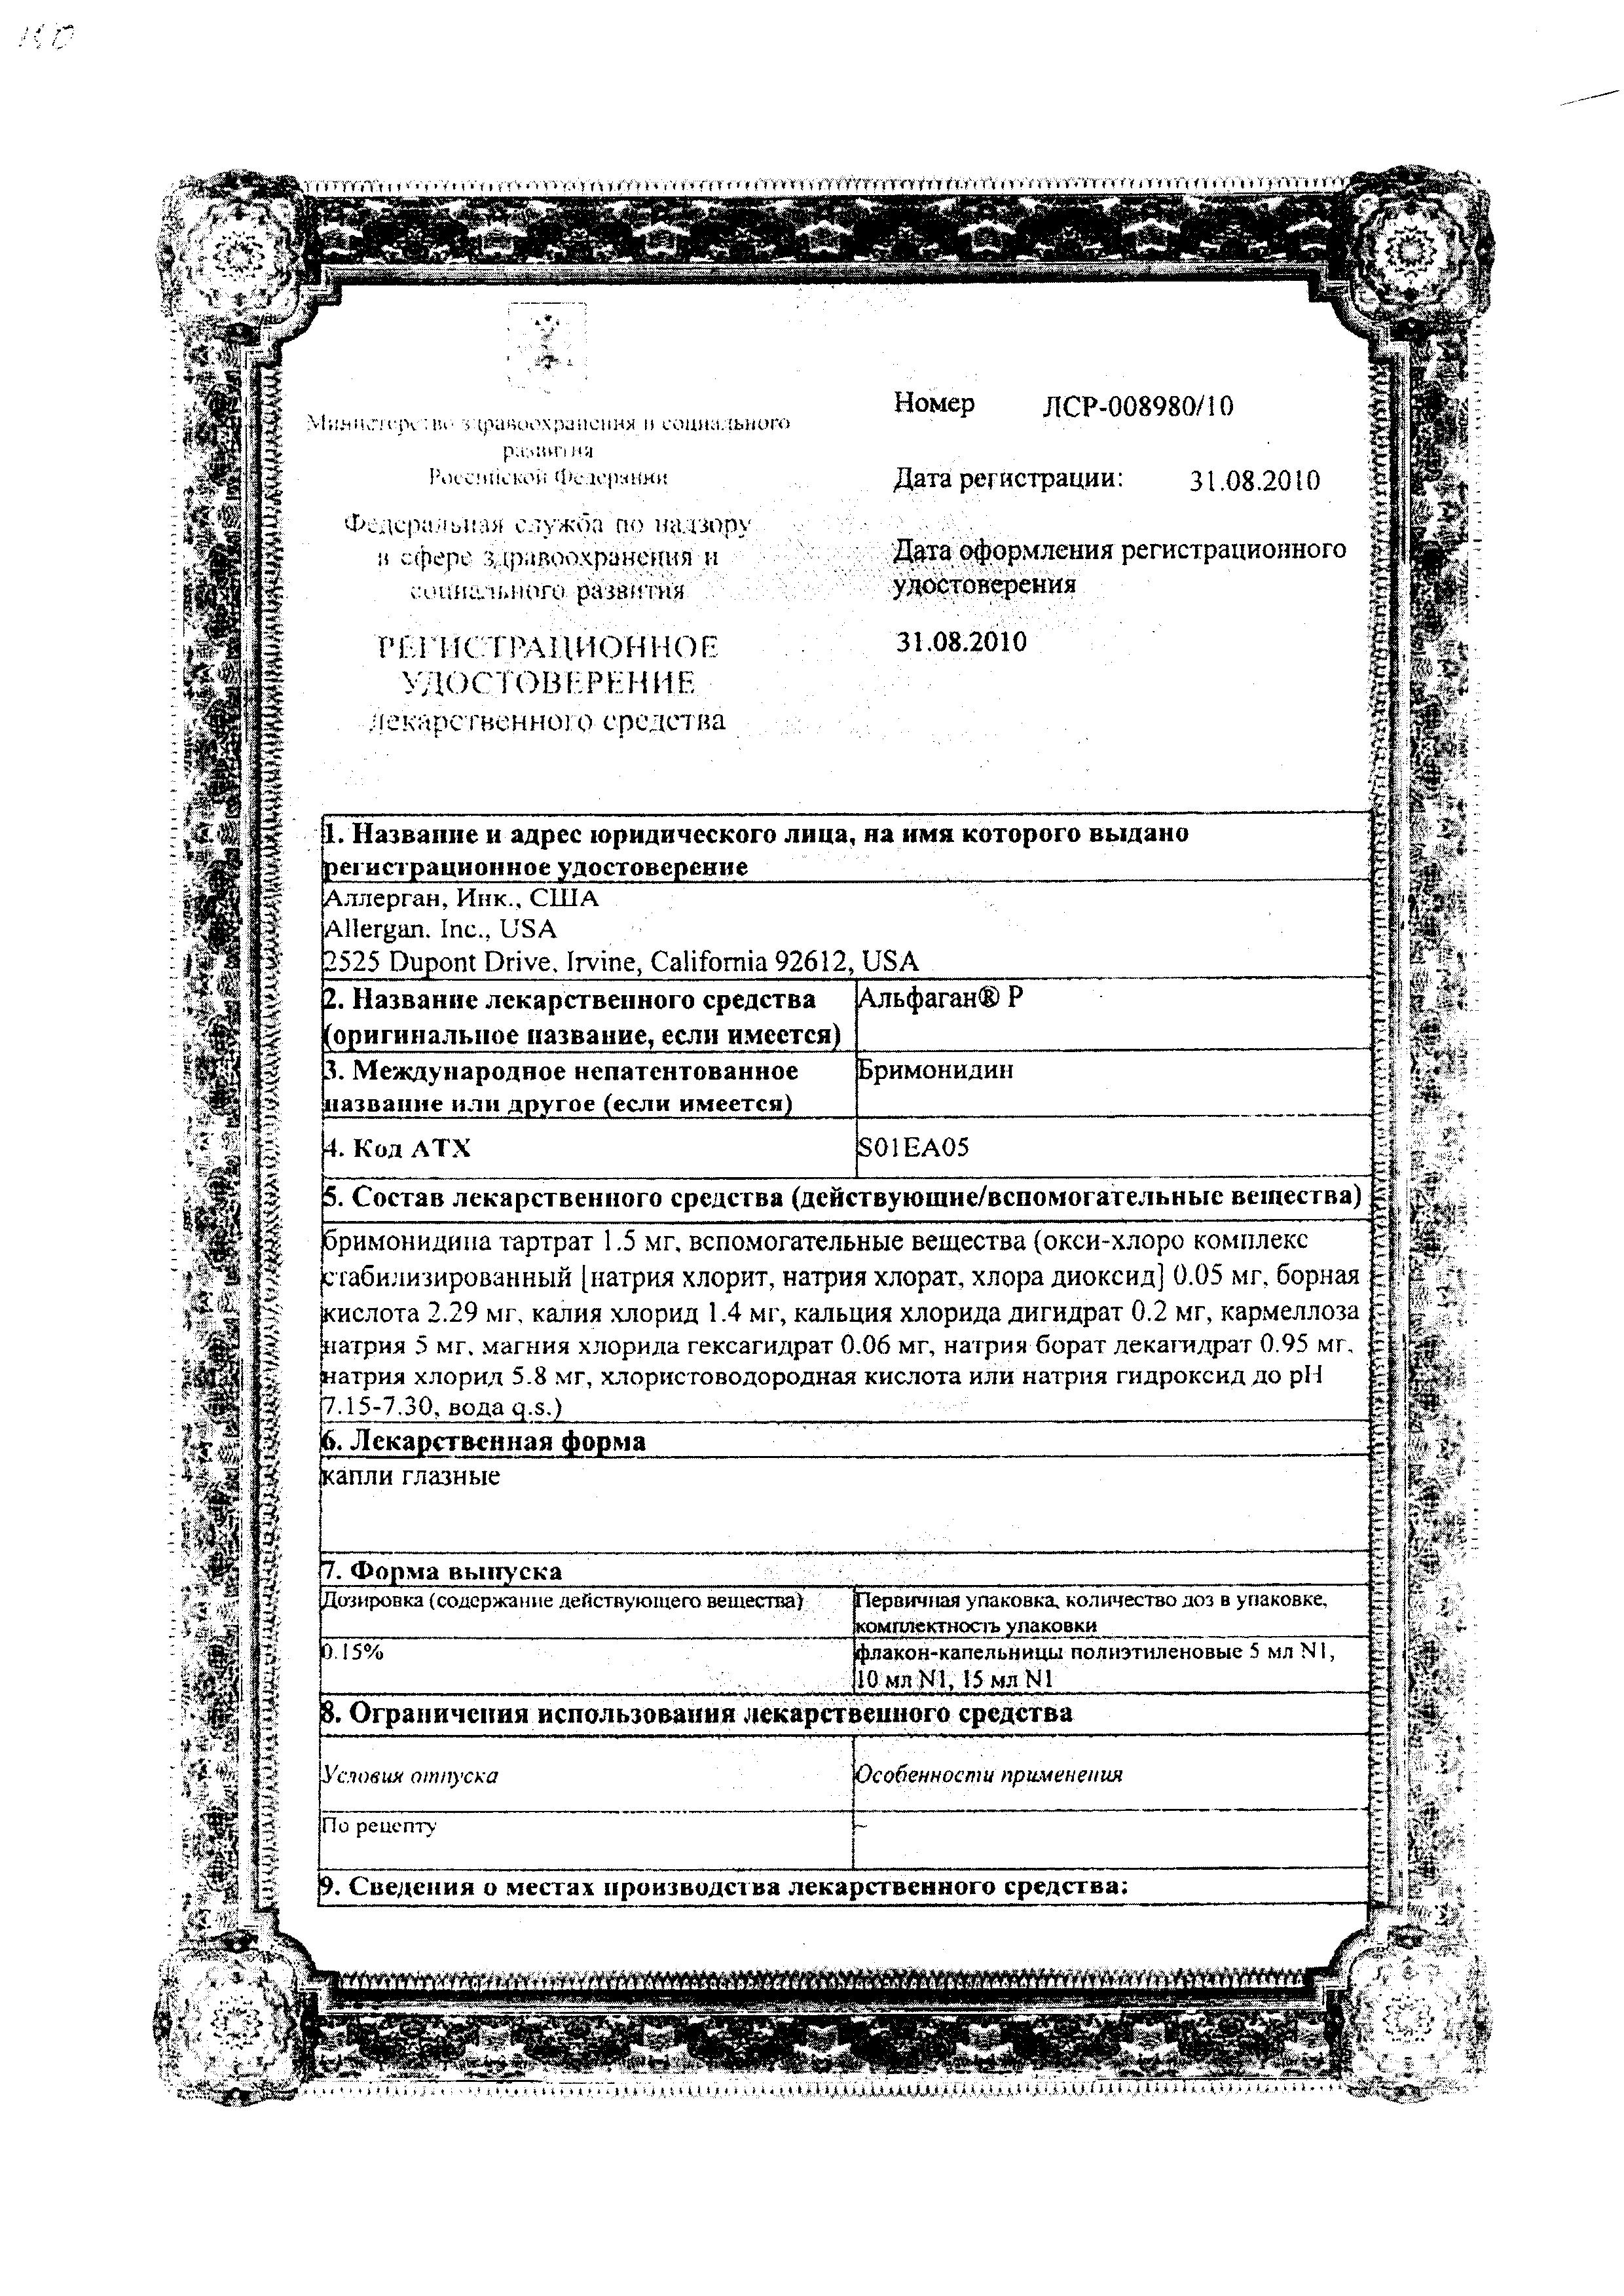 Альфаган Р сертификат